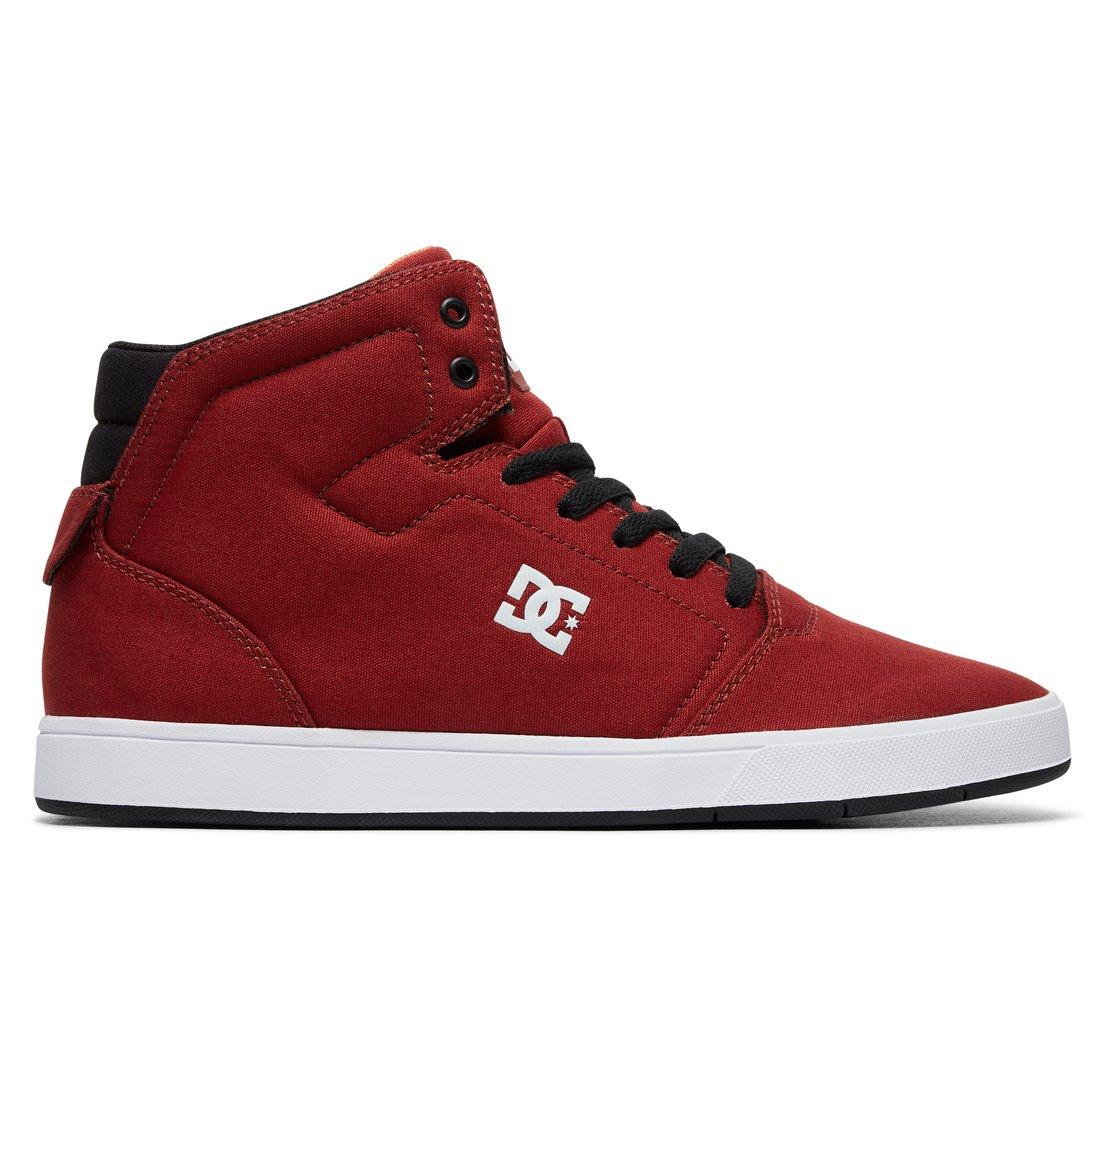 DC Shoes Crisis, Zapatillas para Hombre, Rojo (Burgundy/Tan), 40 EU